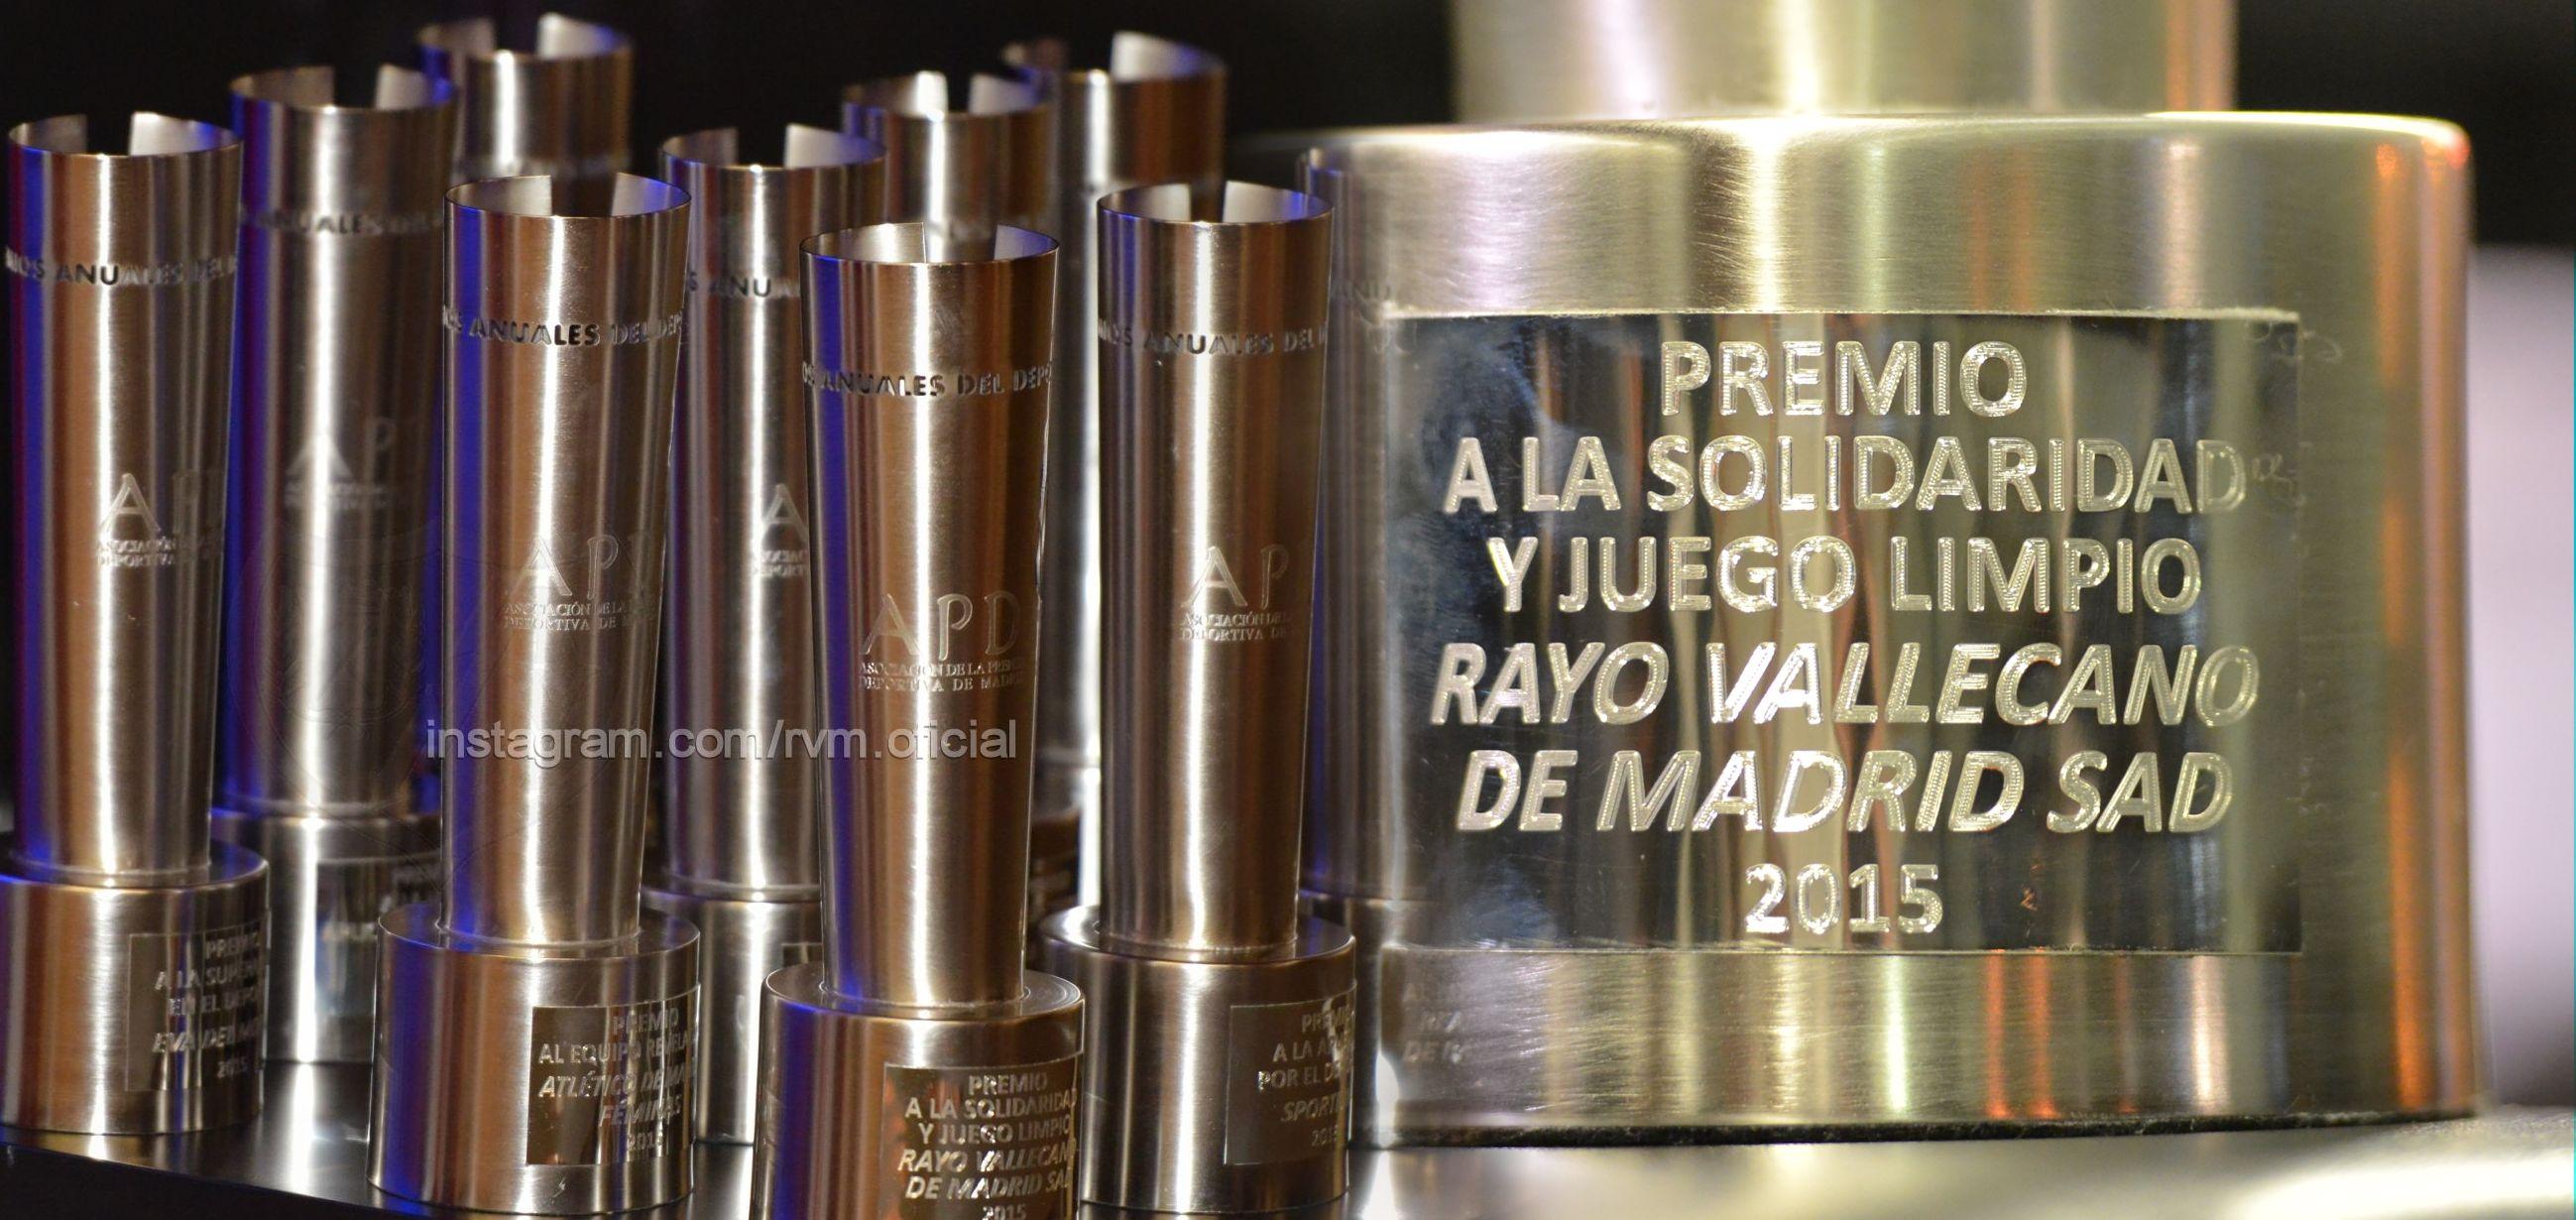 Premio 'Solidaridad y juego limpio' (Foto: Rayo Vallecano)